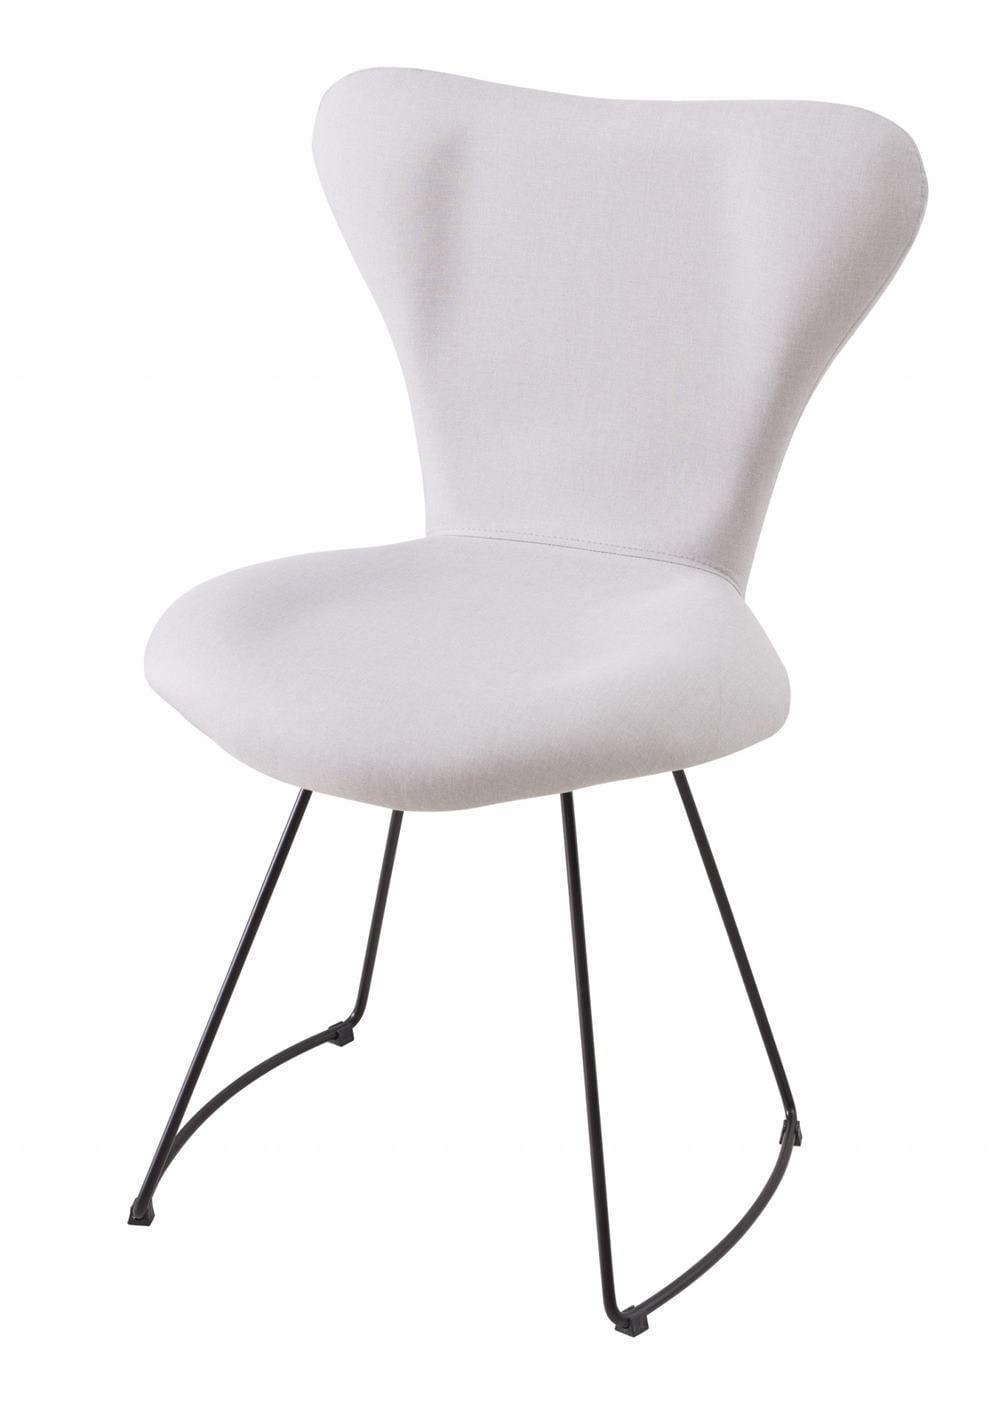 Cadeira Jacobsen Series 7 Gelo com Base Curve Preta - 49612